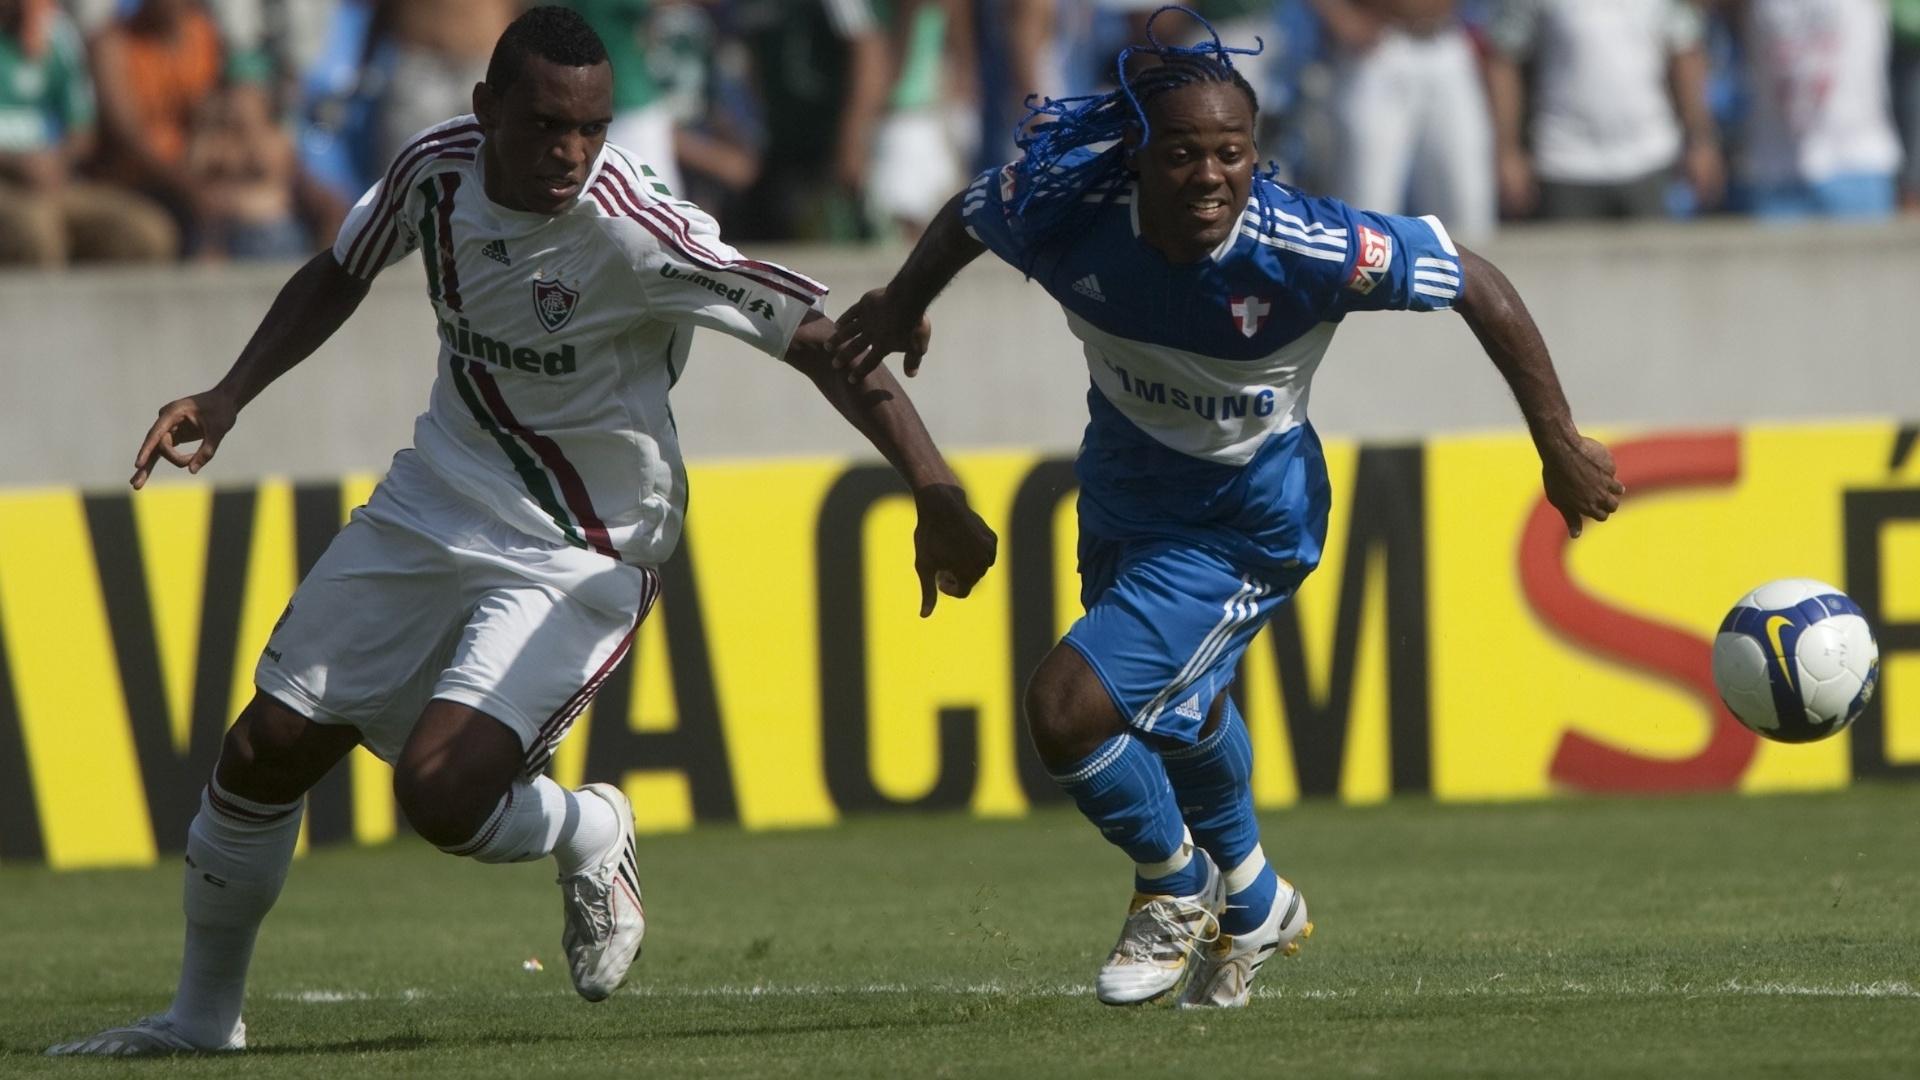 Vagner Love briga por bola em jogo polêmico entre Palmeiras e Fluminense